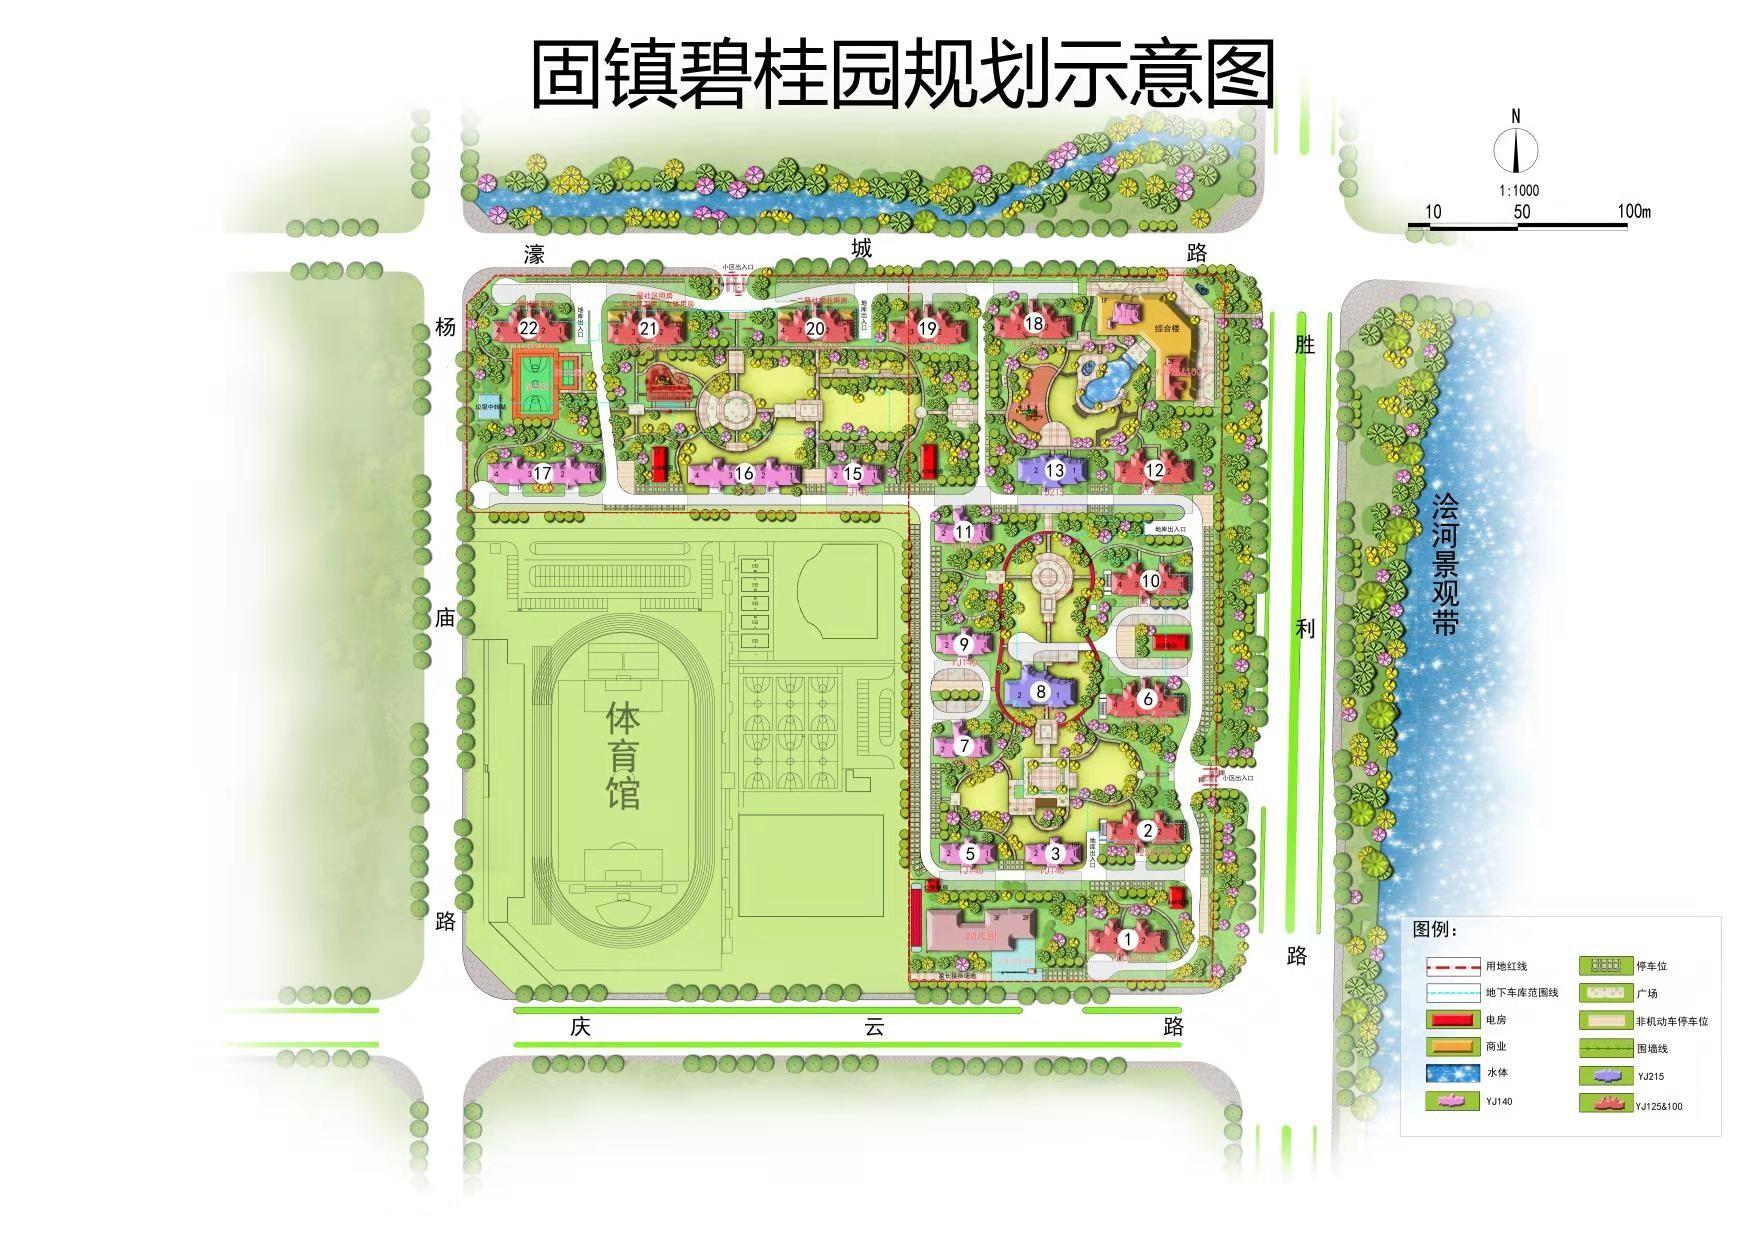 固镇碧桂园位置图